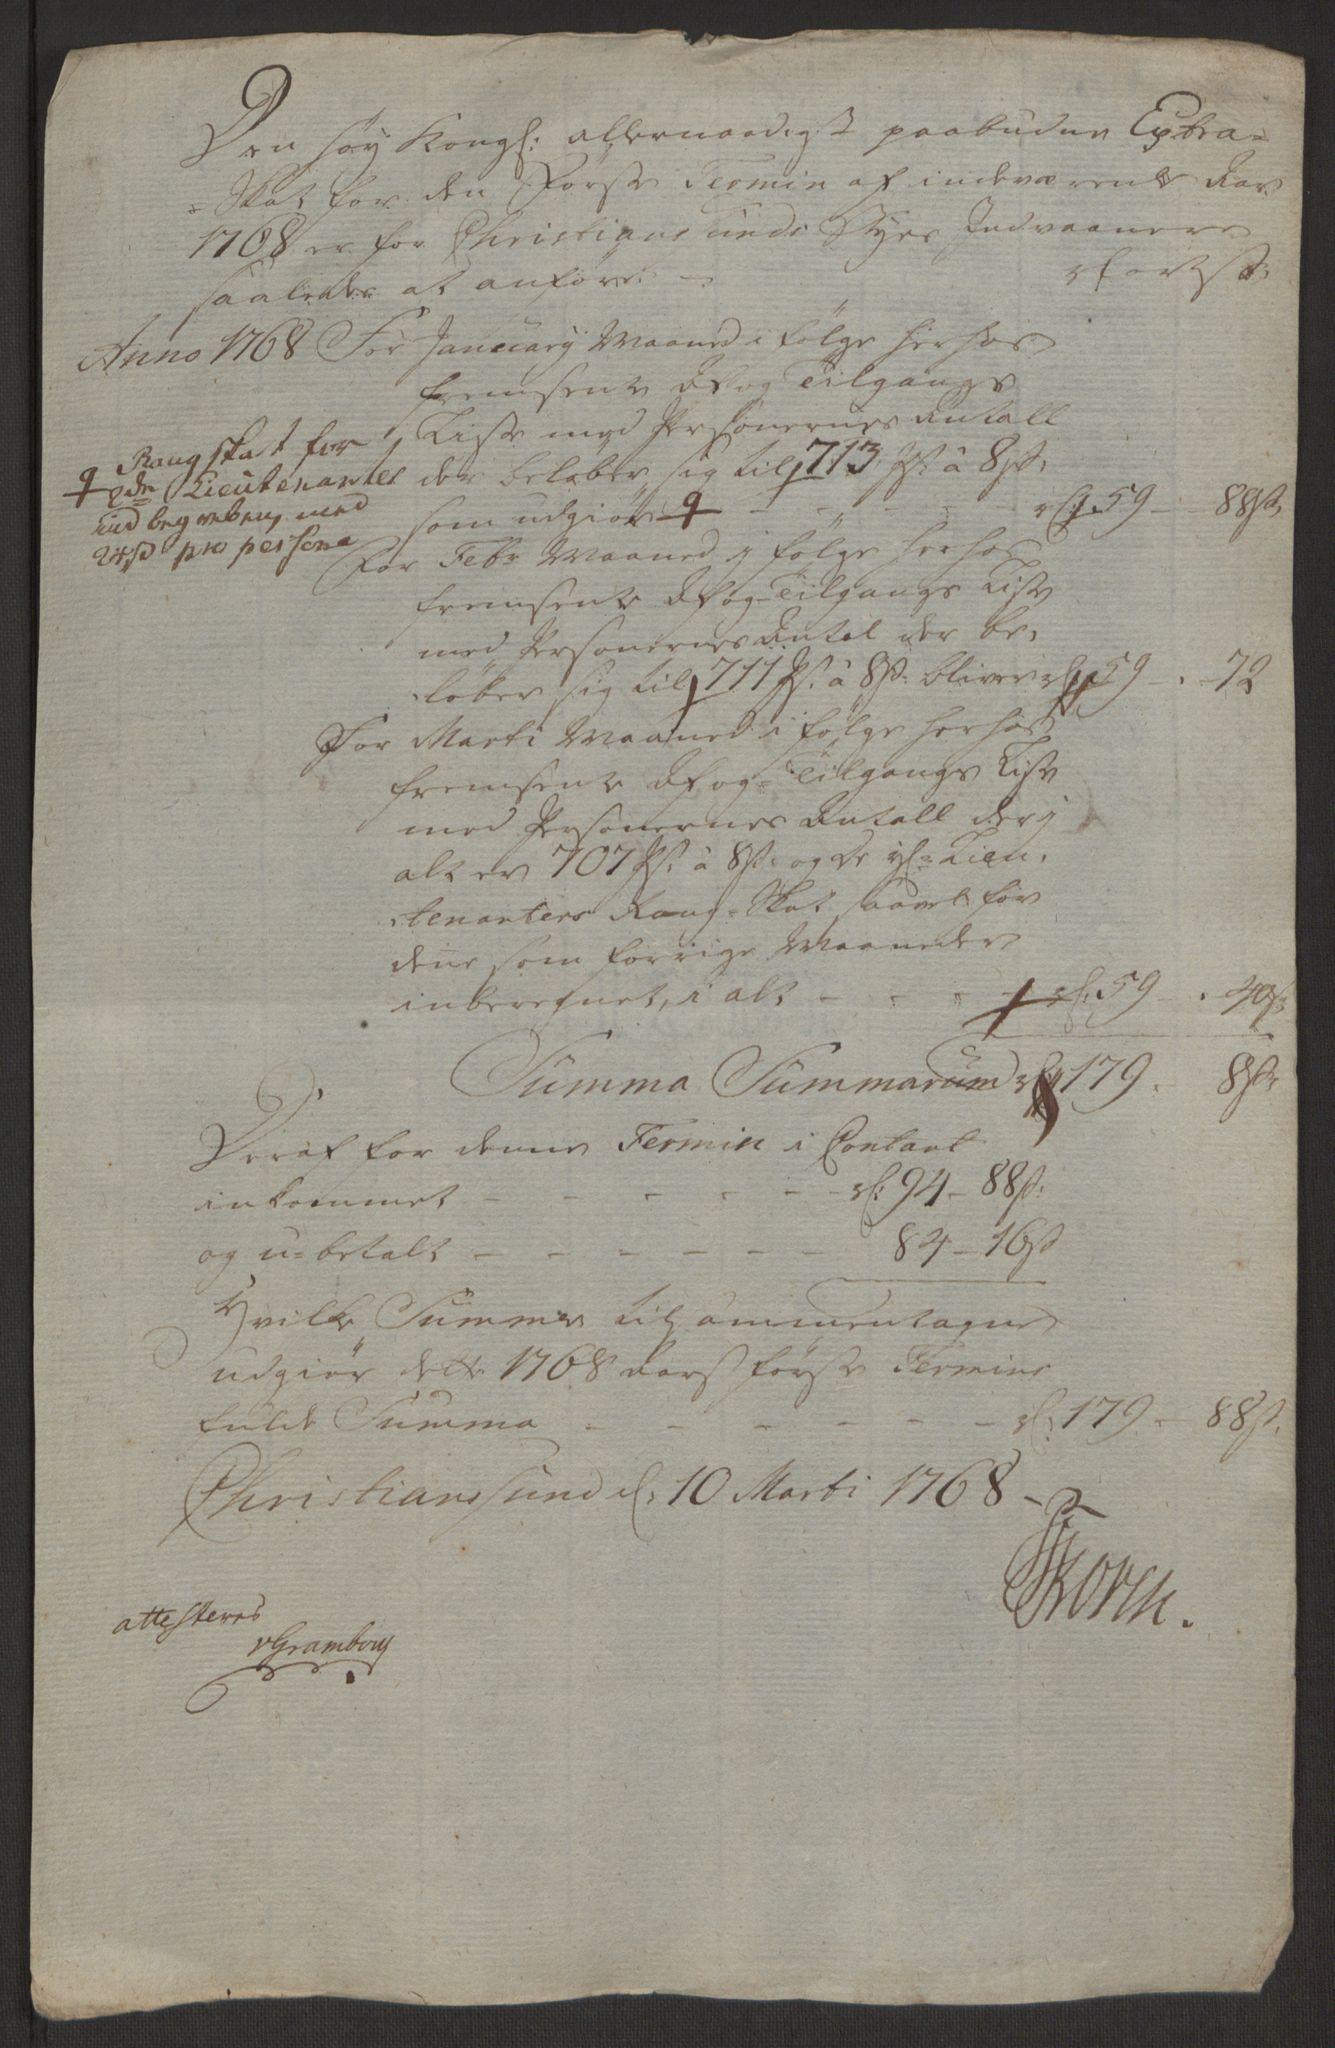 RA, Rentekammeret inntil 1814, Reviderte regnskaper, Byregnskaper, R/Rr/L0495: [R1] Kontribusjonsregnskap, 1762-1772, s. 181